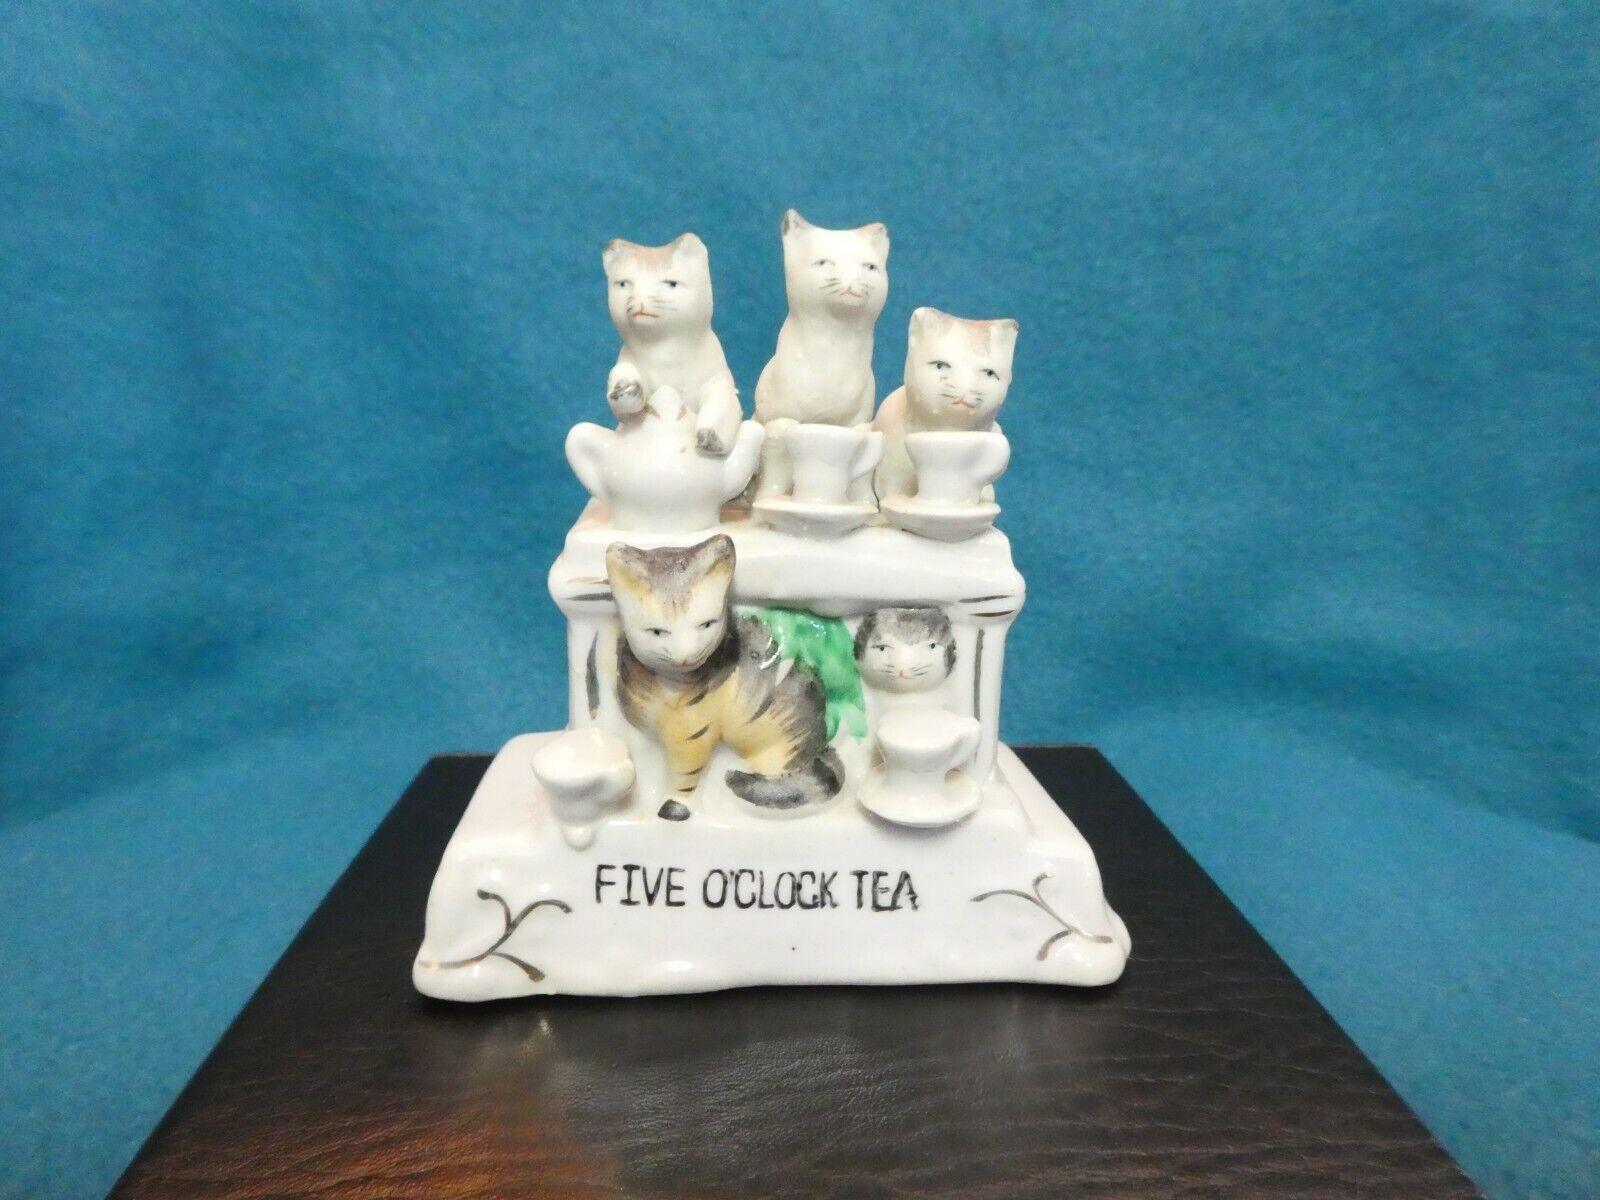 Vintage German Cats Five O clock Tea Figurine - $15.00